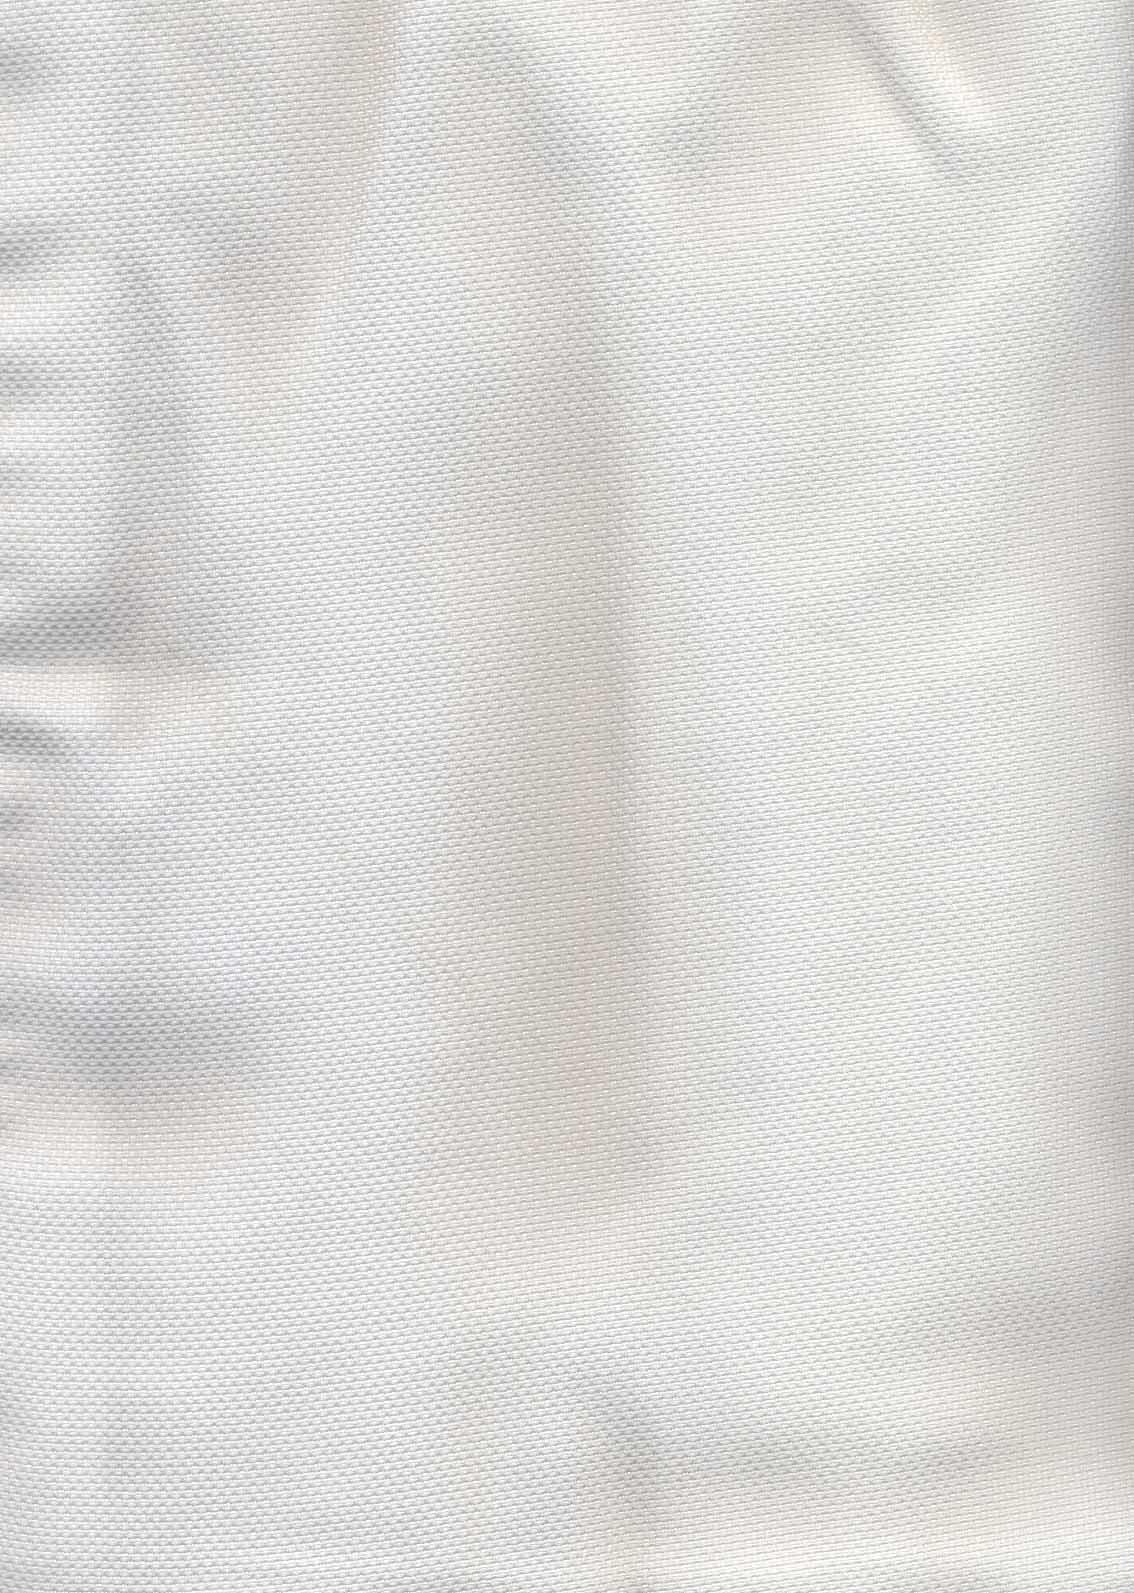 کیف پارچه ای قدیما 26*35 (طرح کاشی،کد 0012)